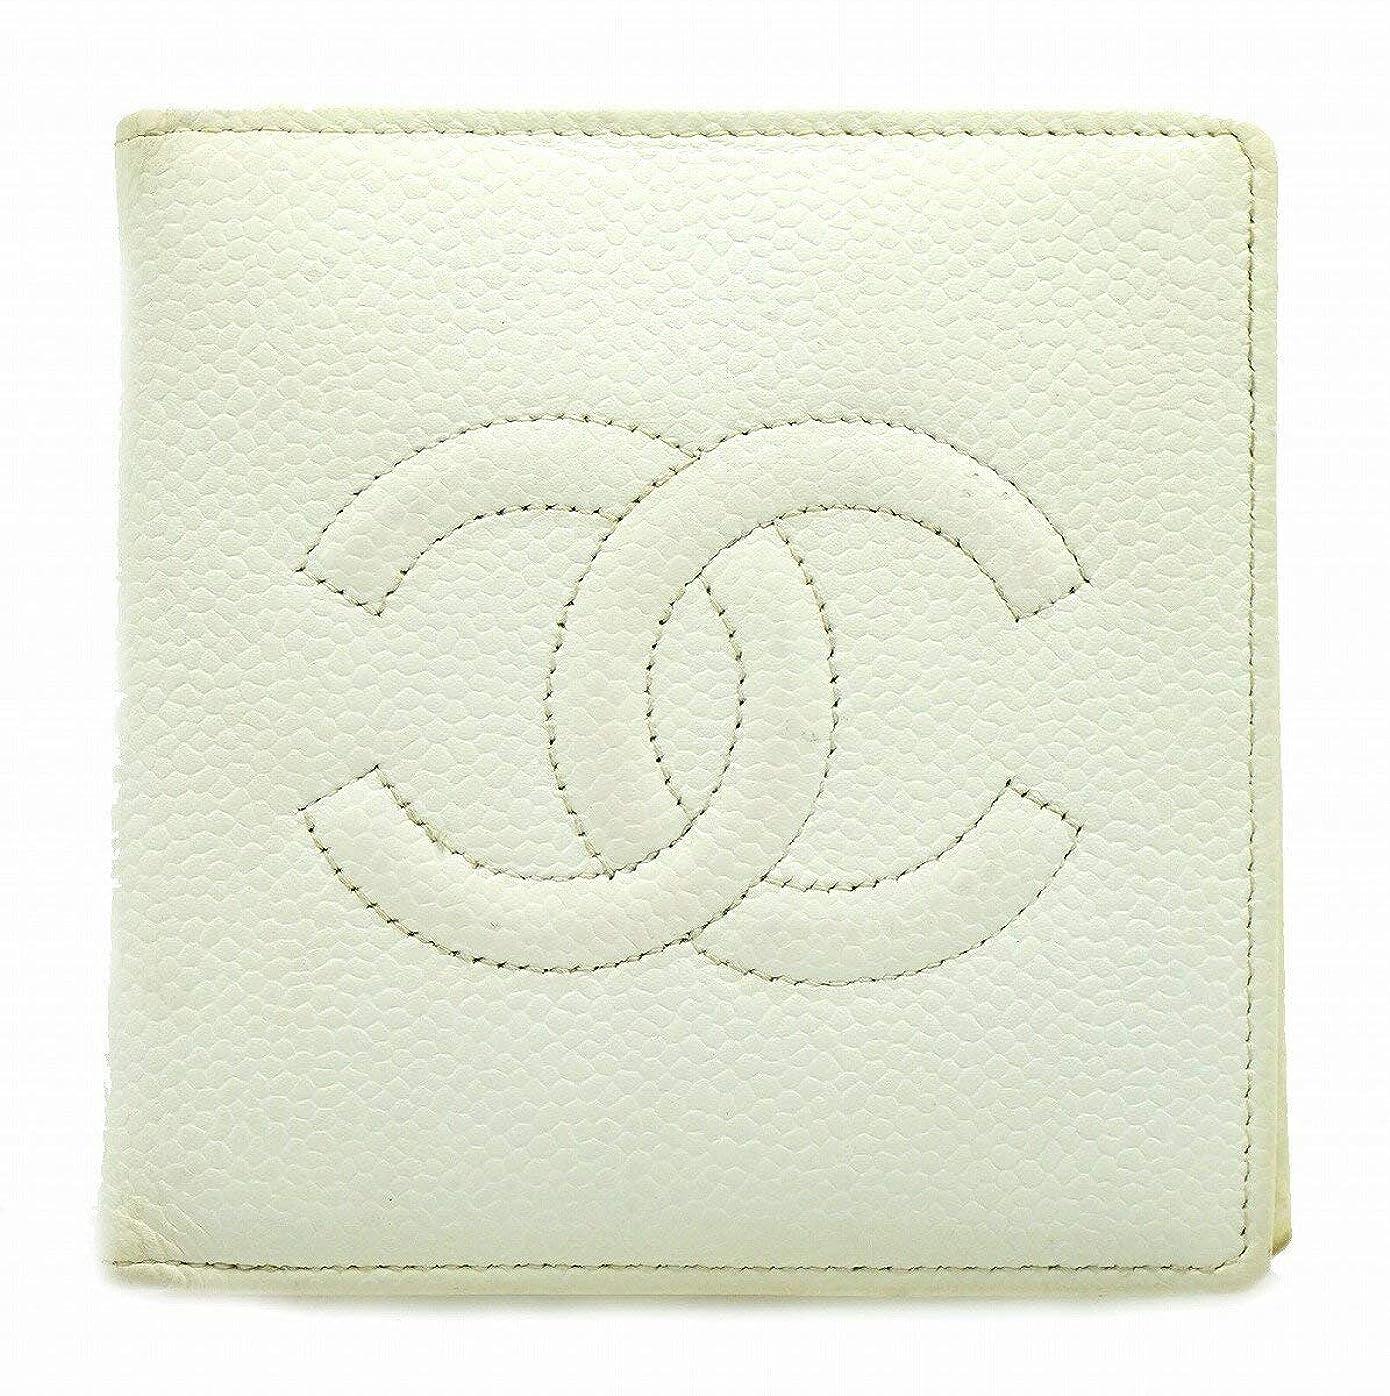 対人等艦隊[シャネル] CHANEL キャビアスキン ココマーク 2つ折財布 型押しレザー 白 オフホワイト